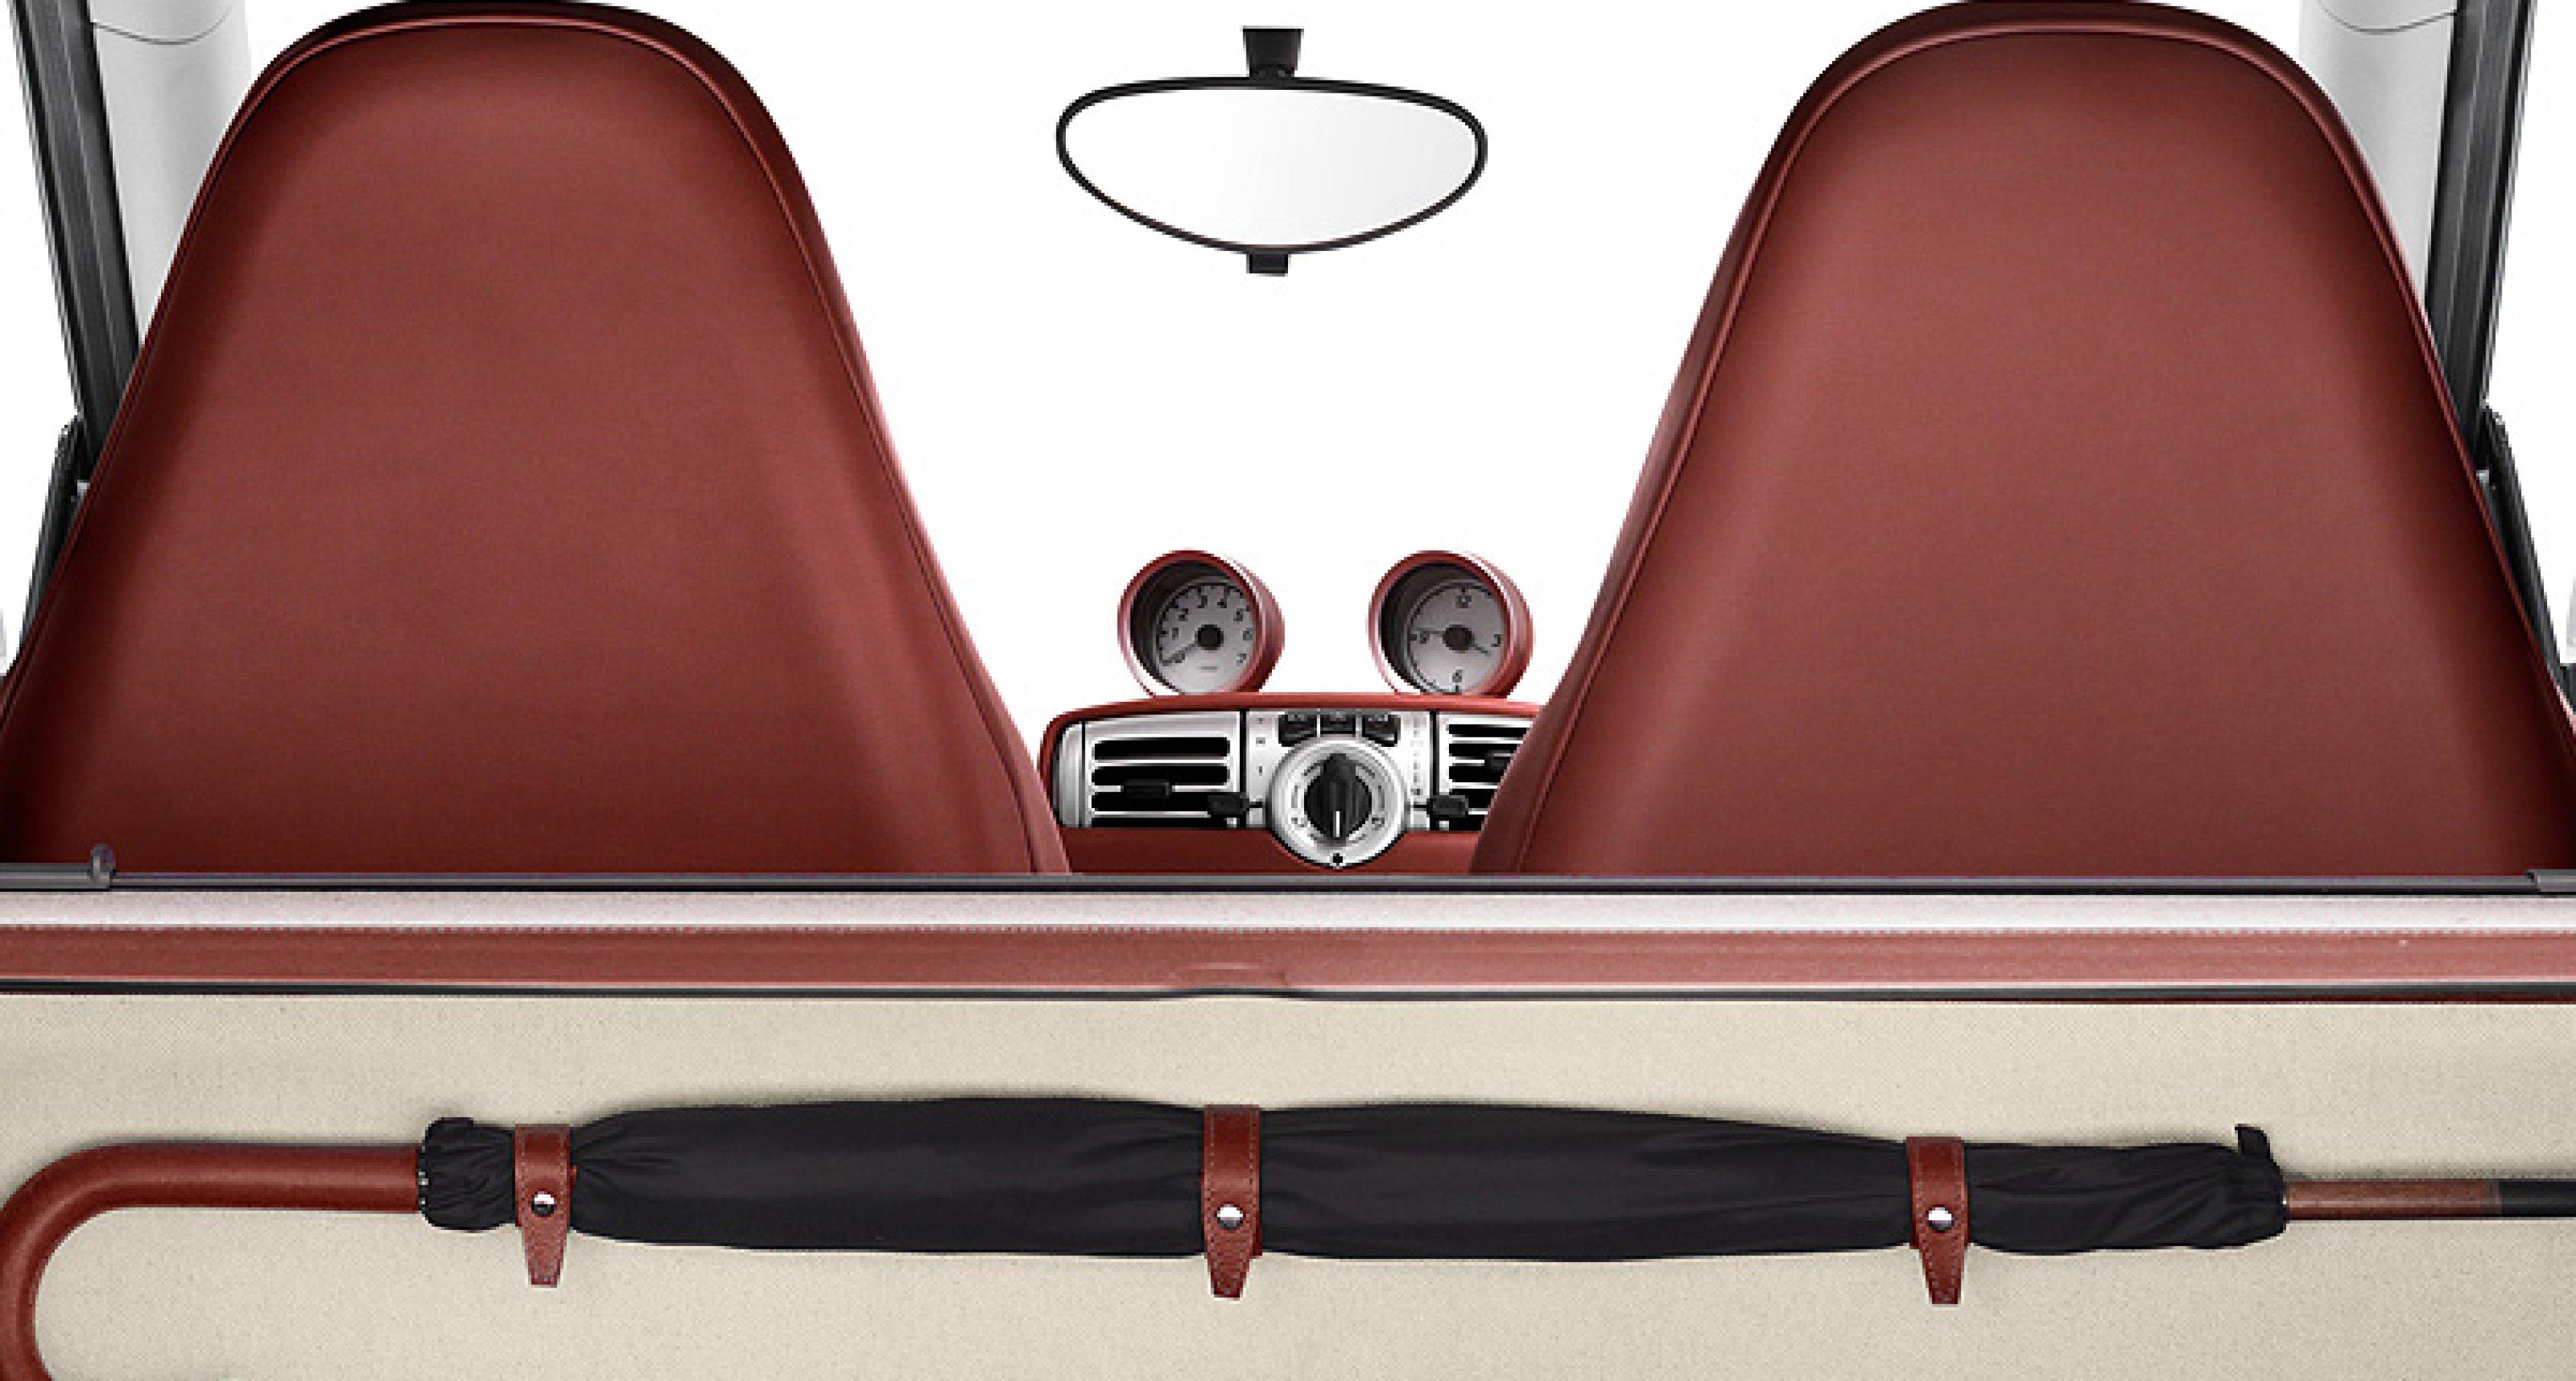 Smart fortwo Édition Toile H: Hermès Upholsters 10 Smarts for Paris Dealer